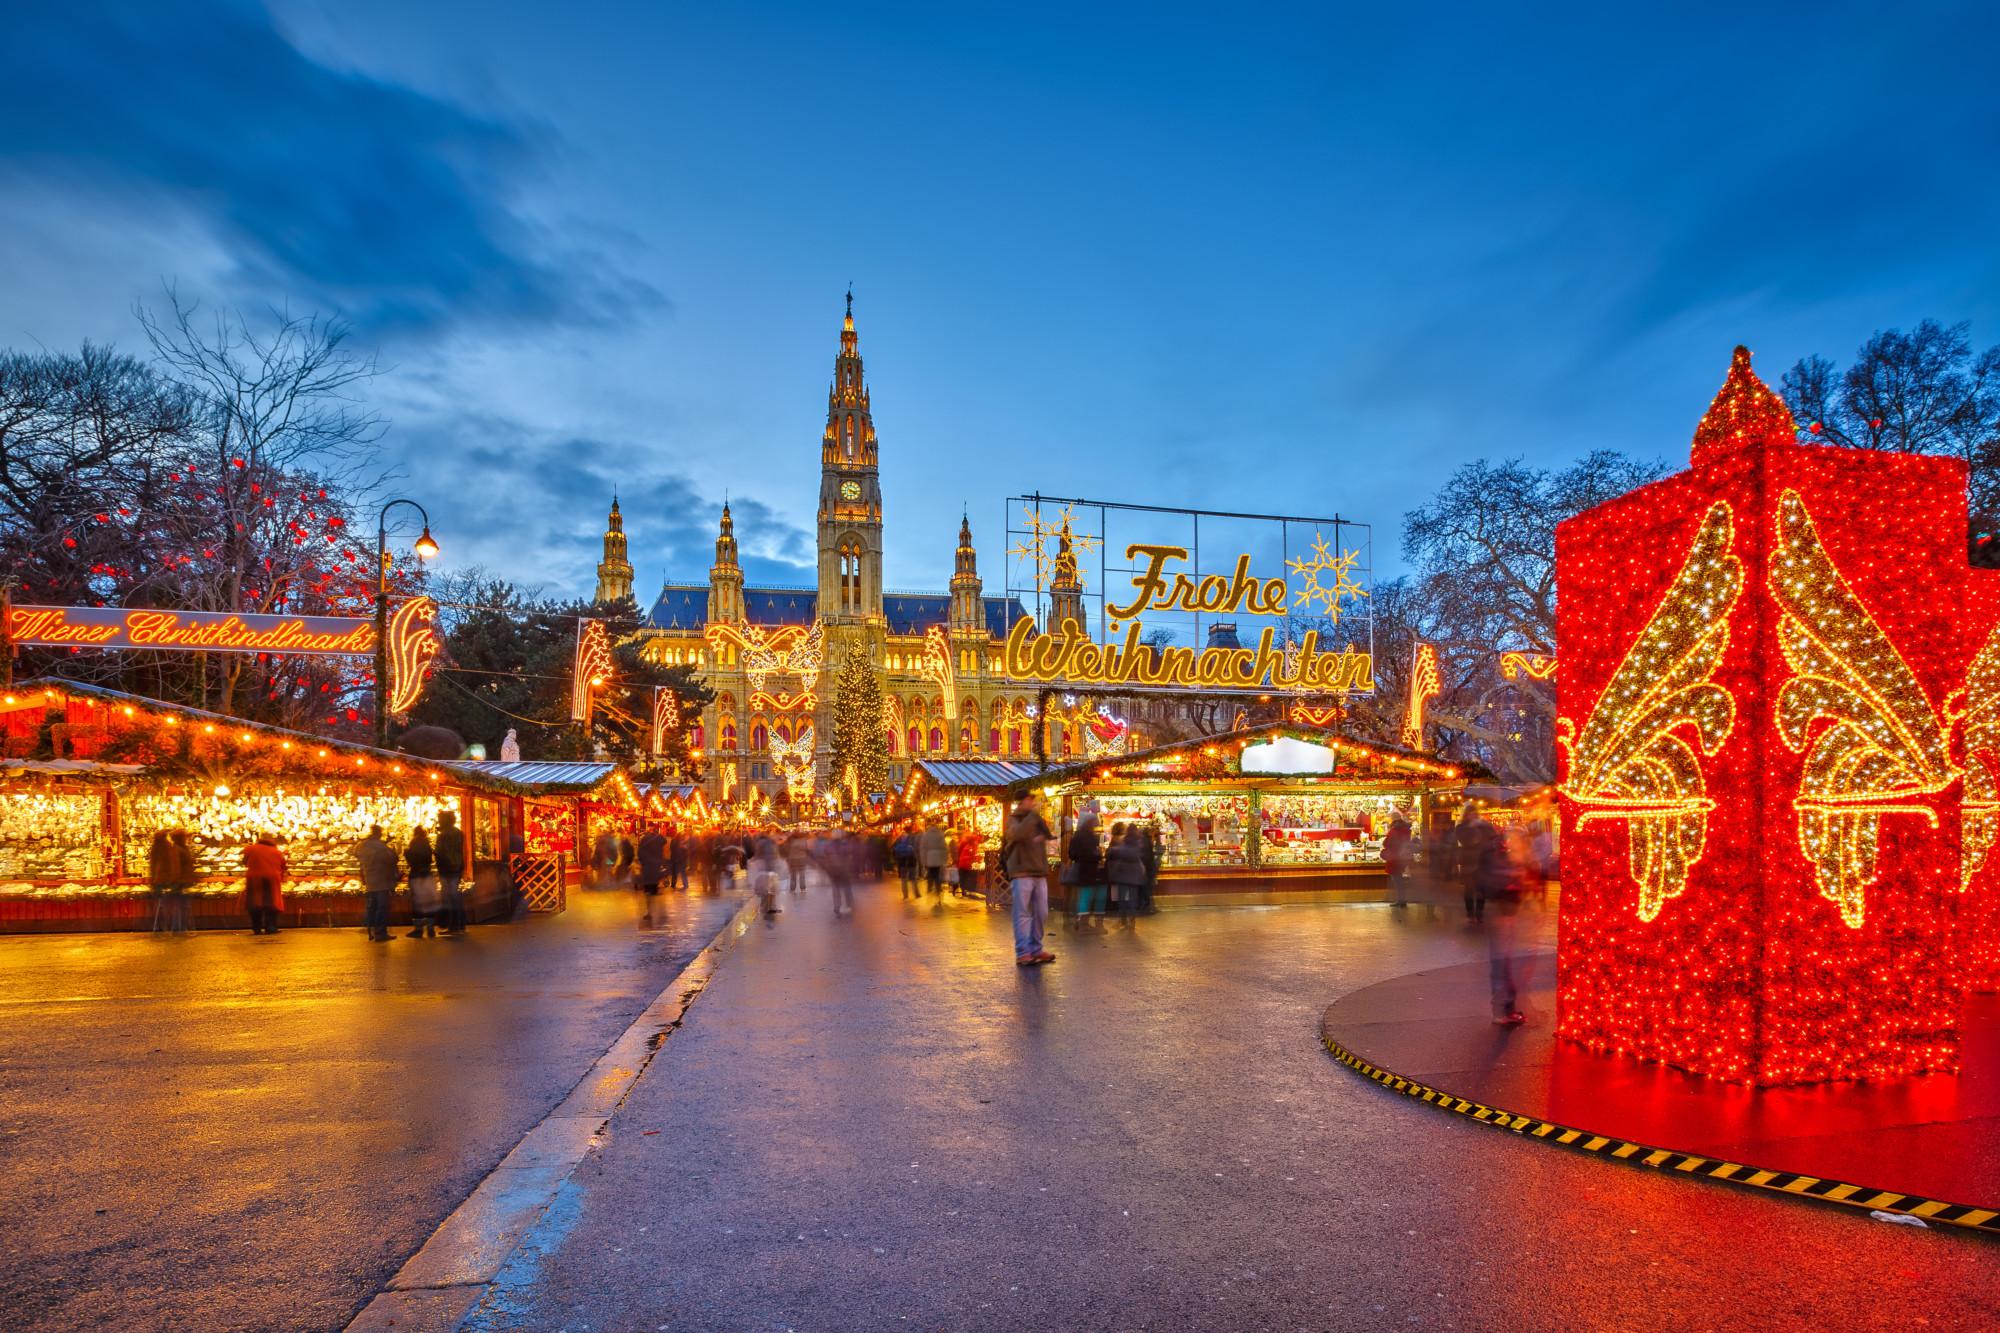 Sfeerbeelden van de kerstmarkt in wenen